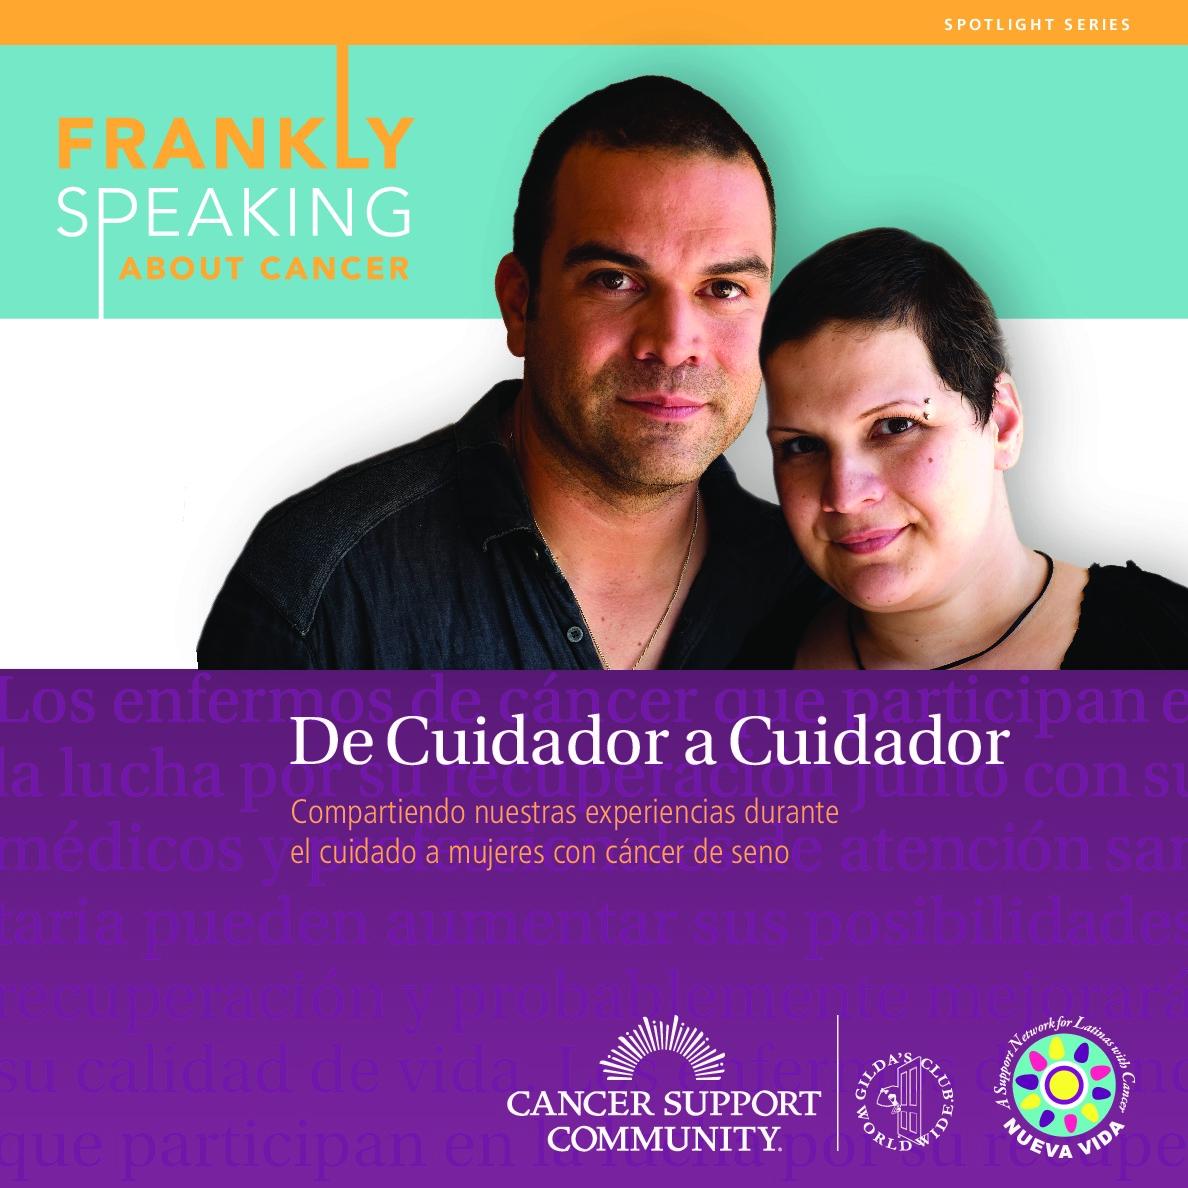 FSAC Breast Cancer Caregiver Guide (Spanish)